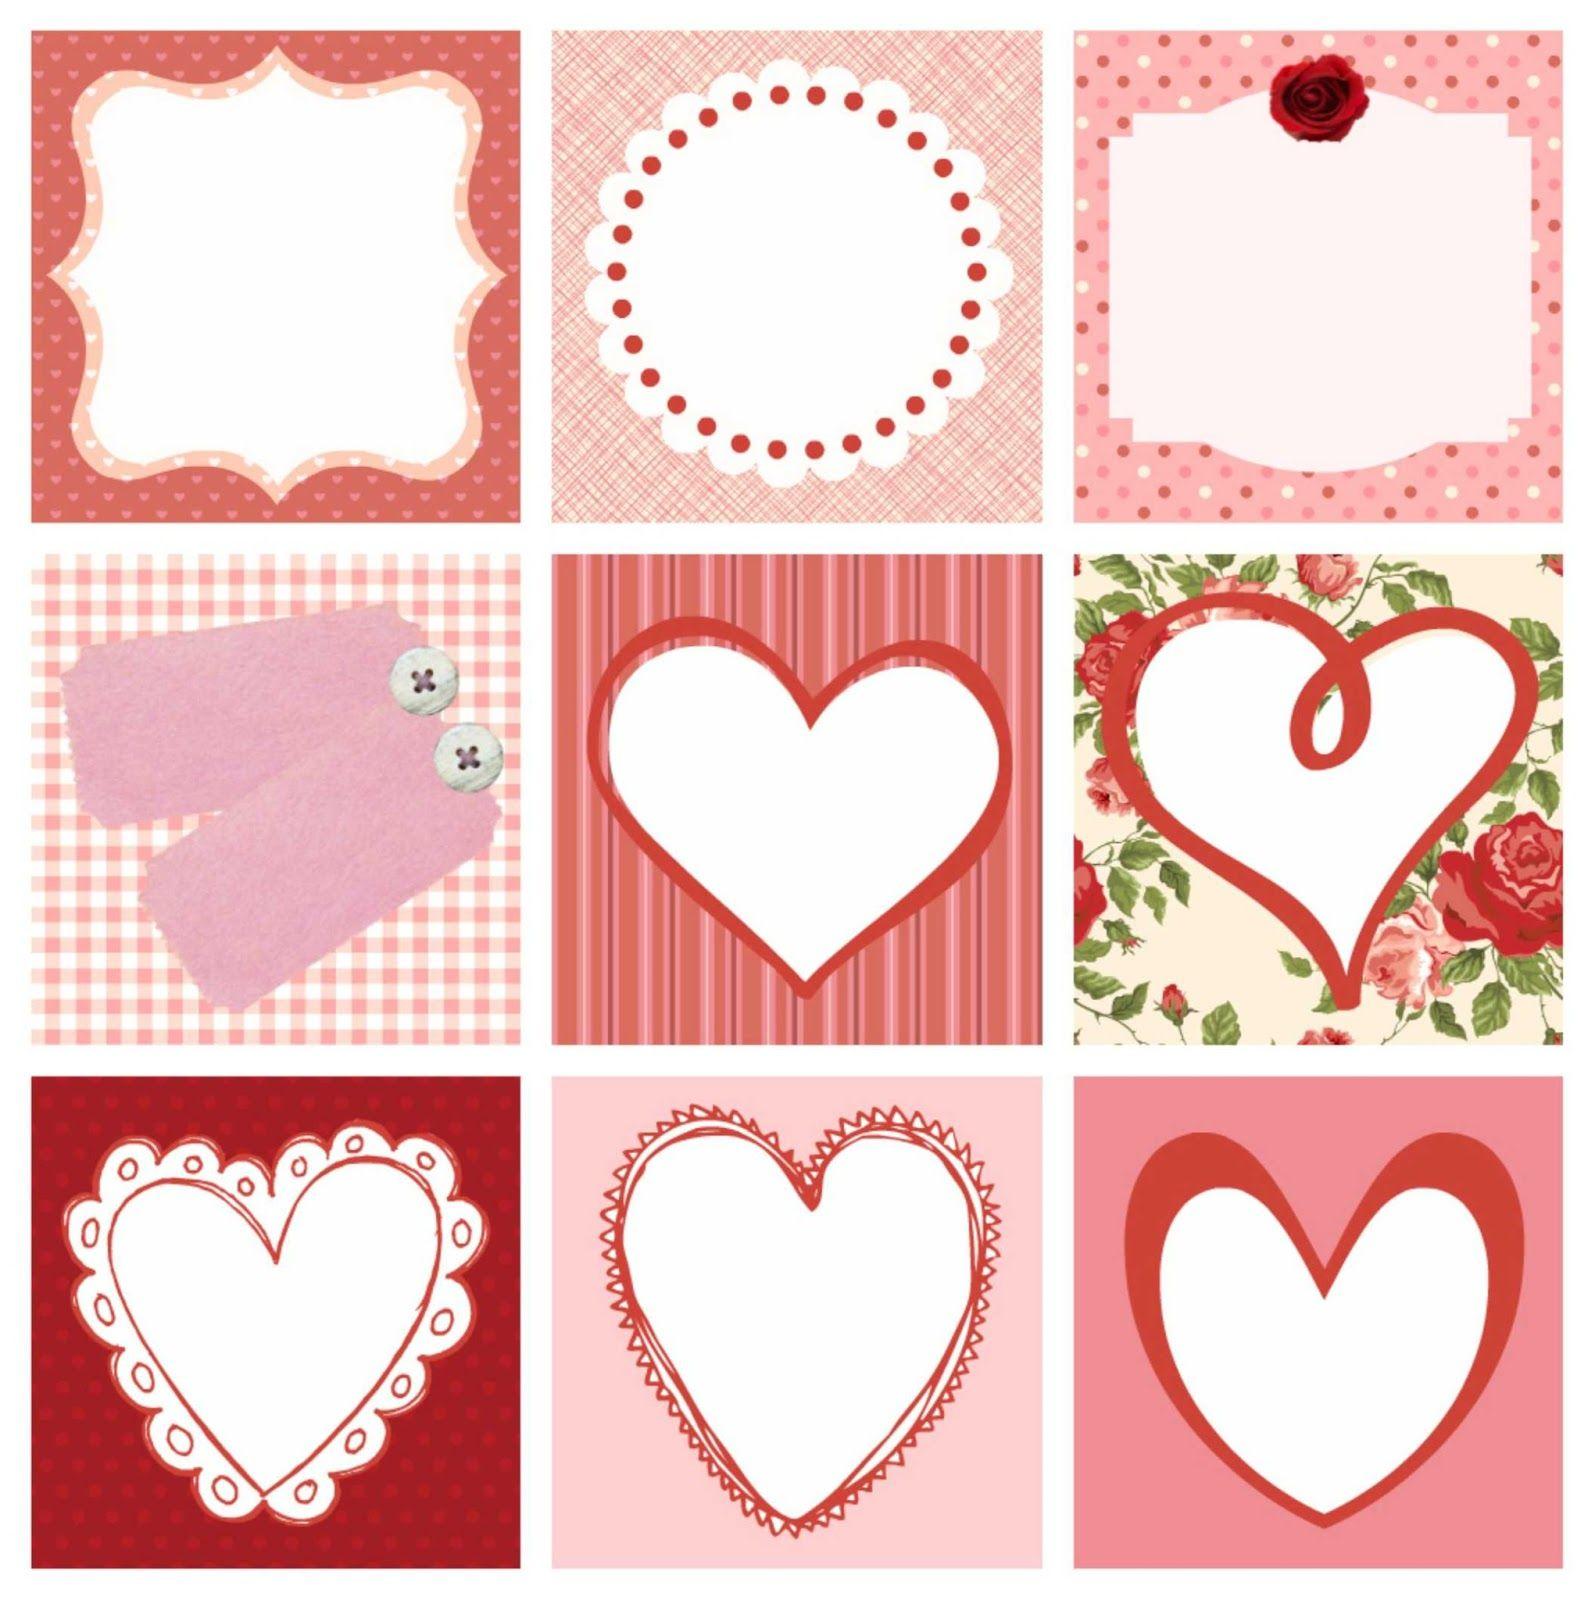 Etiquetas corazon | Feliz día del cariño | Pinterest | El cariño ...